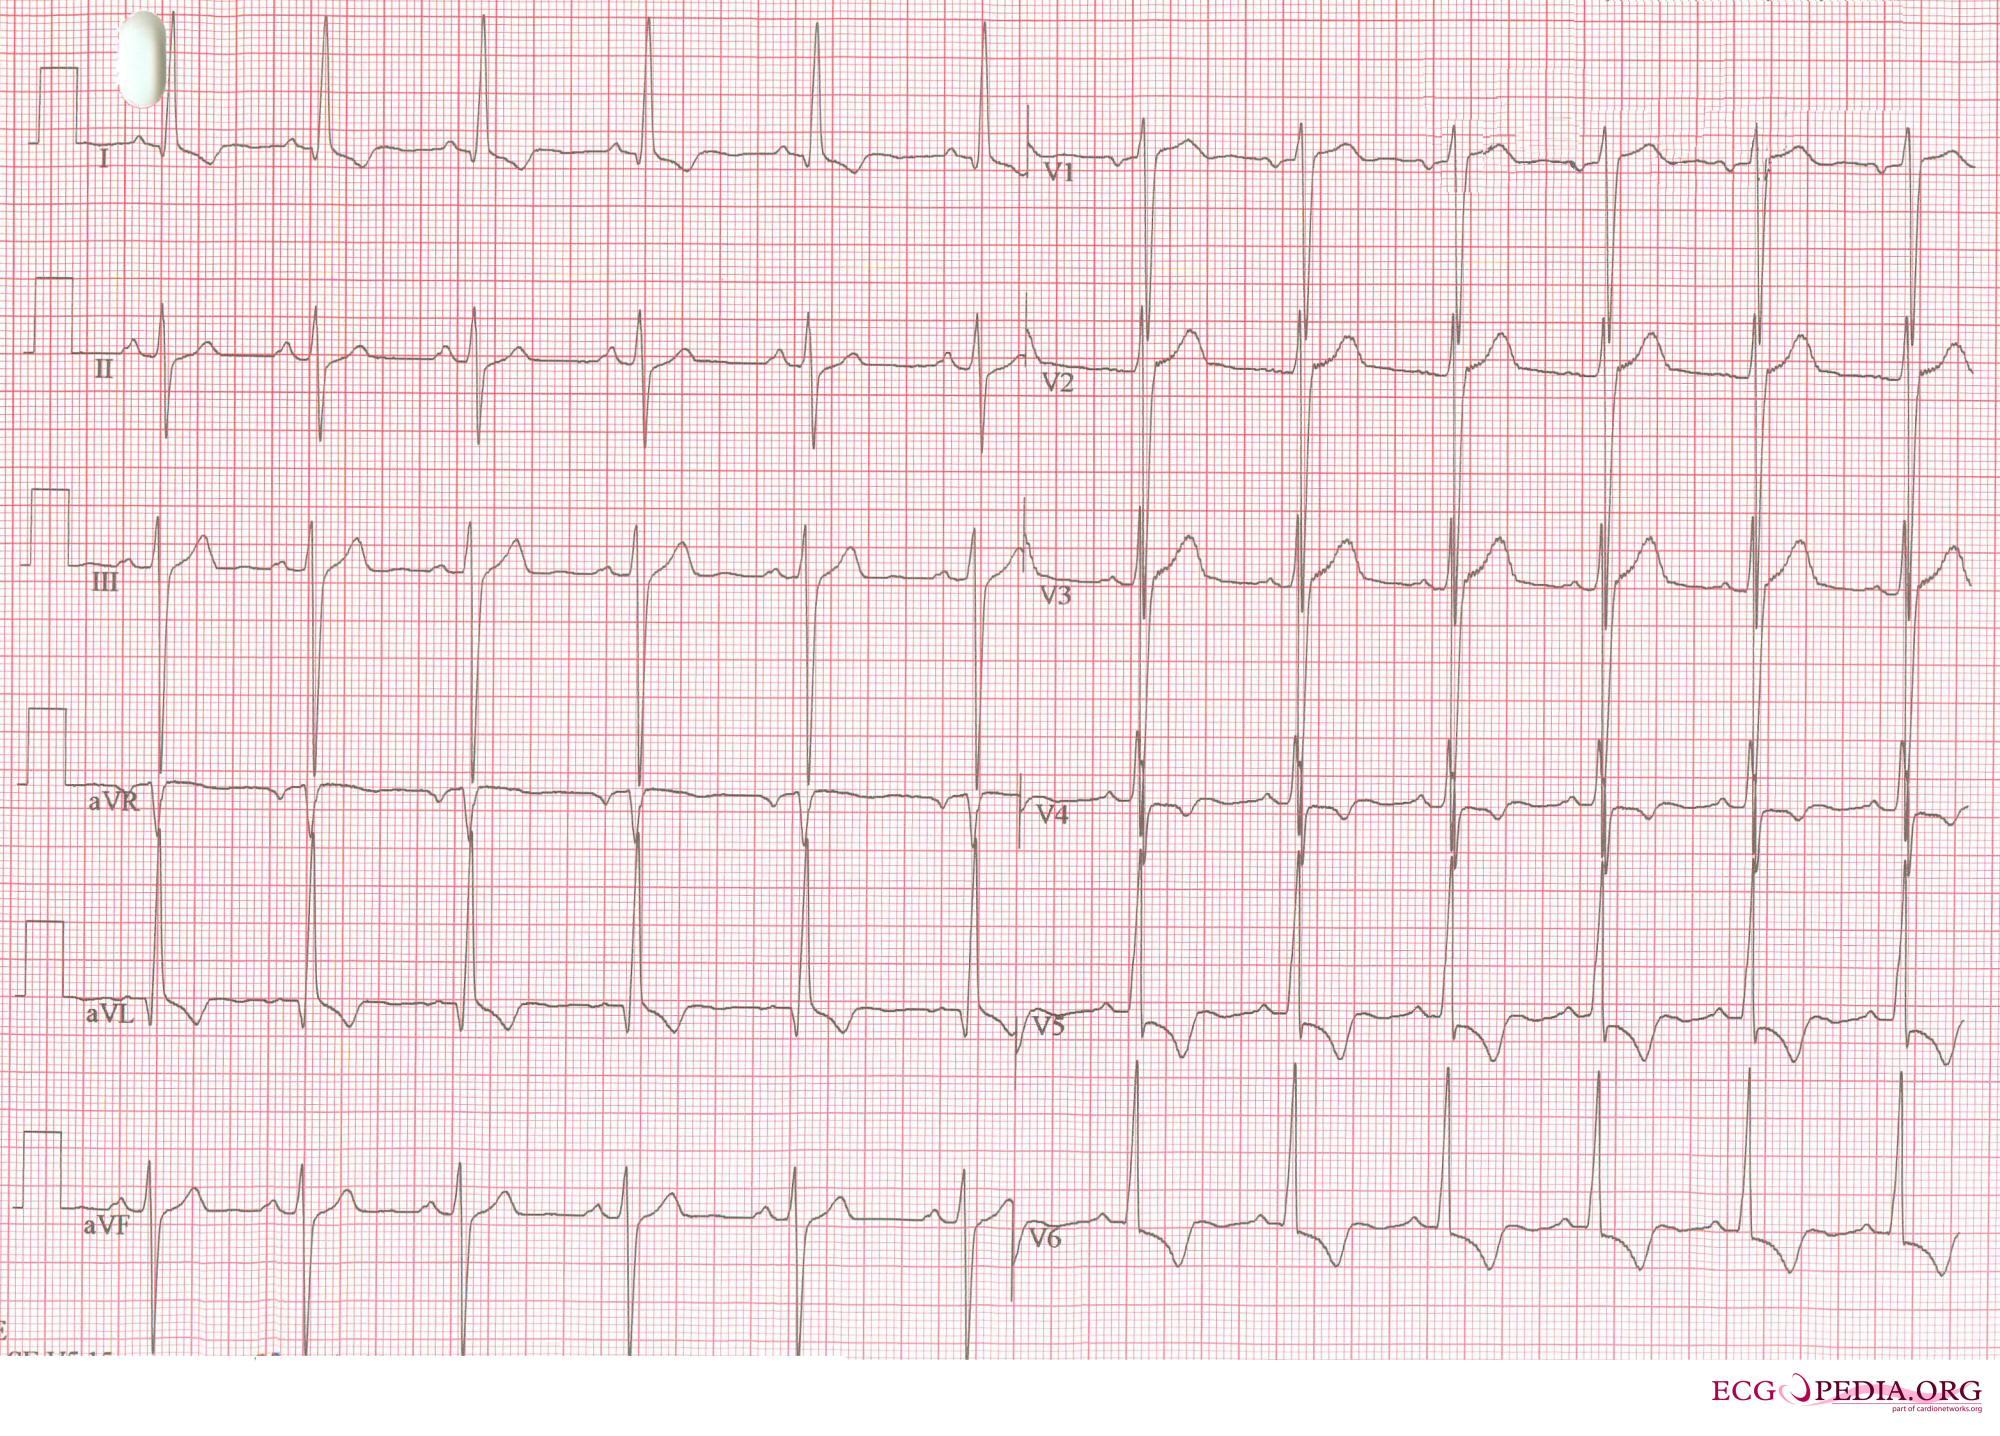 left ventricular hypertrophy electrocardiogram